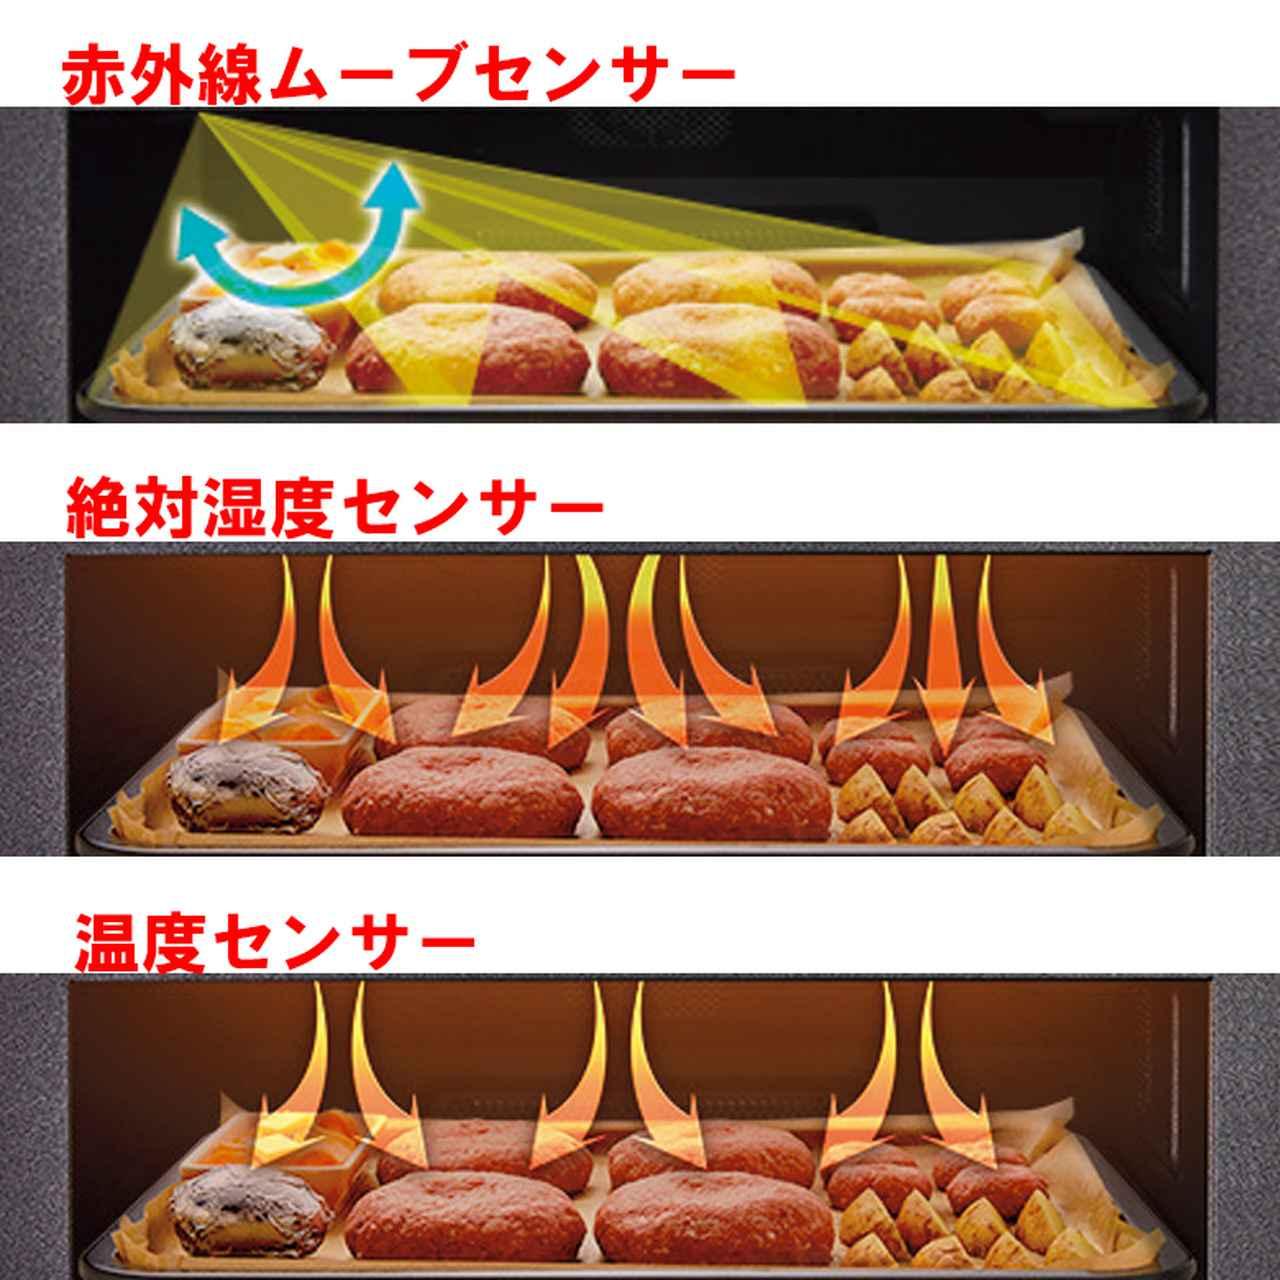 画像: 人気機能「まかせて調理」 では、過熱水蒸気の特性に「赤外線ムーブセンサー」「温度センサー」などをプラス。ボタン一つで、ムラを抑えて程良く焼き上げることが可能。